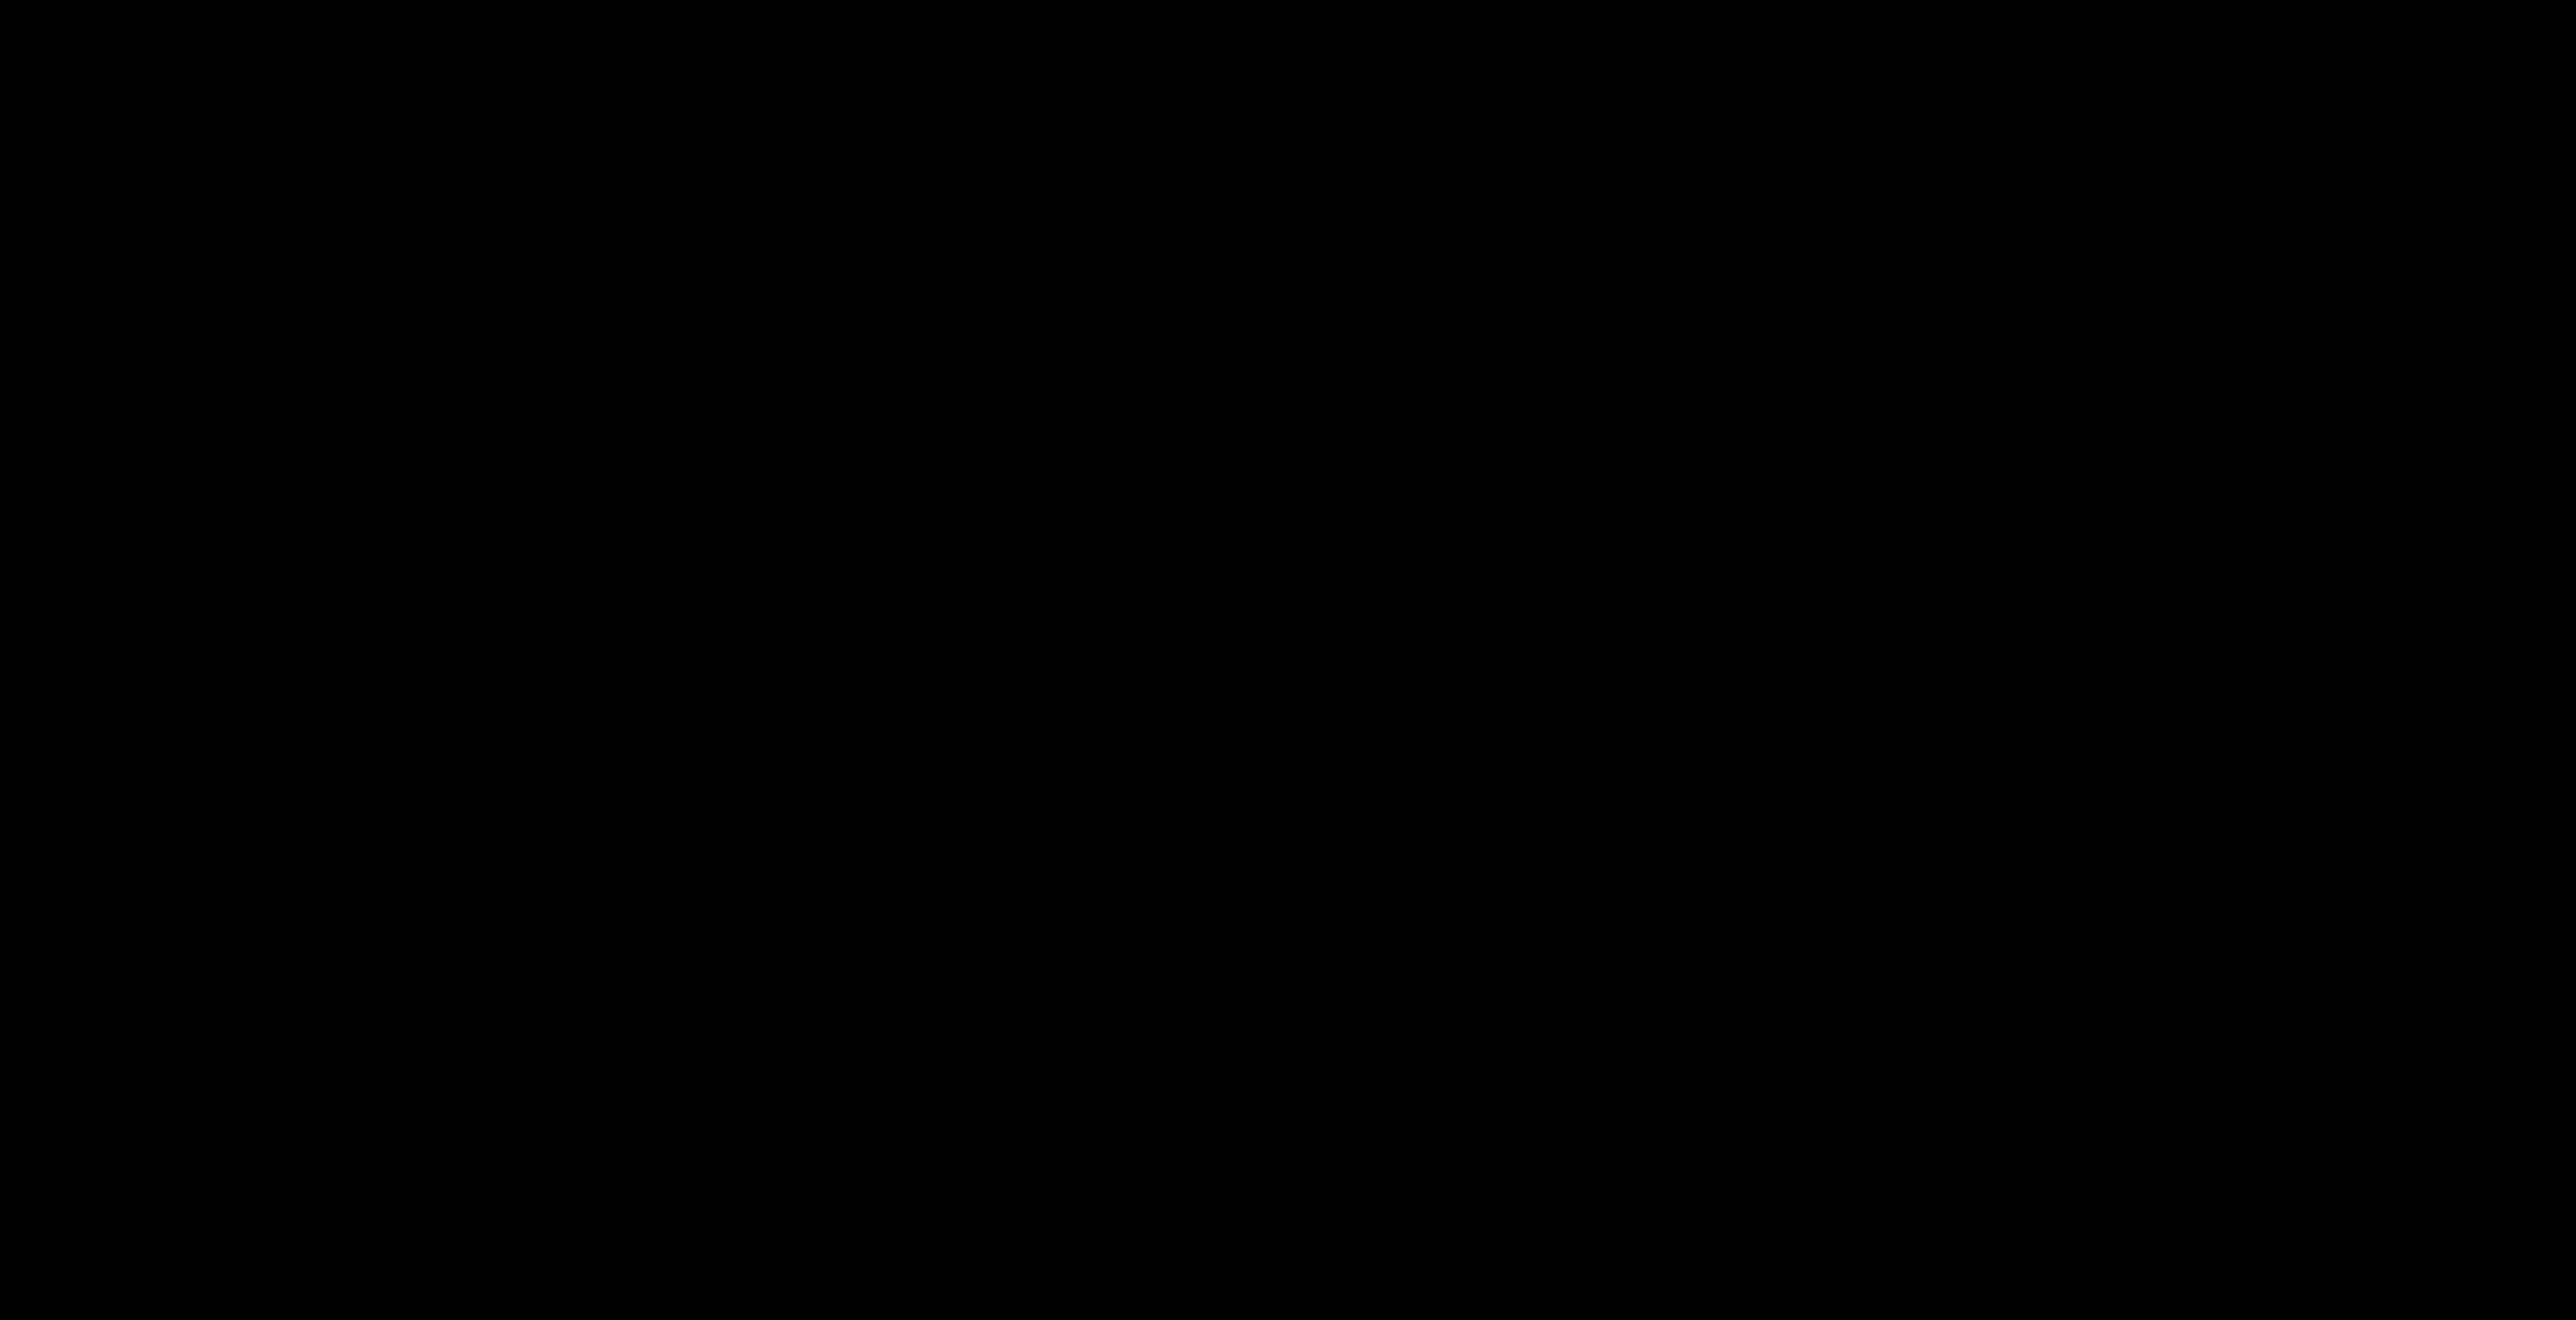 comparison between paper student planner and online school agenda.